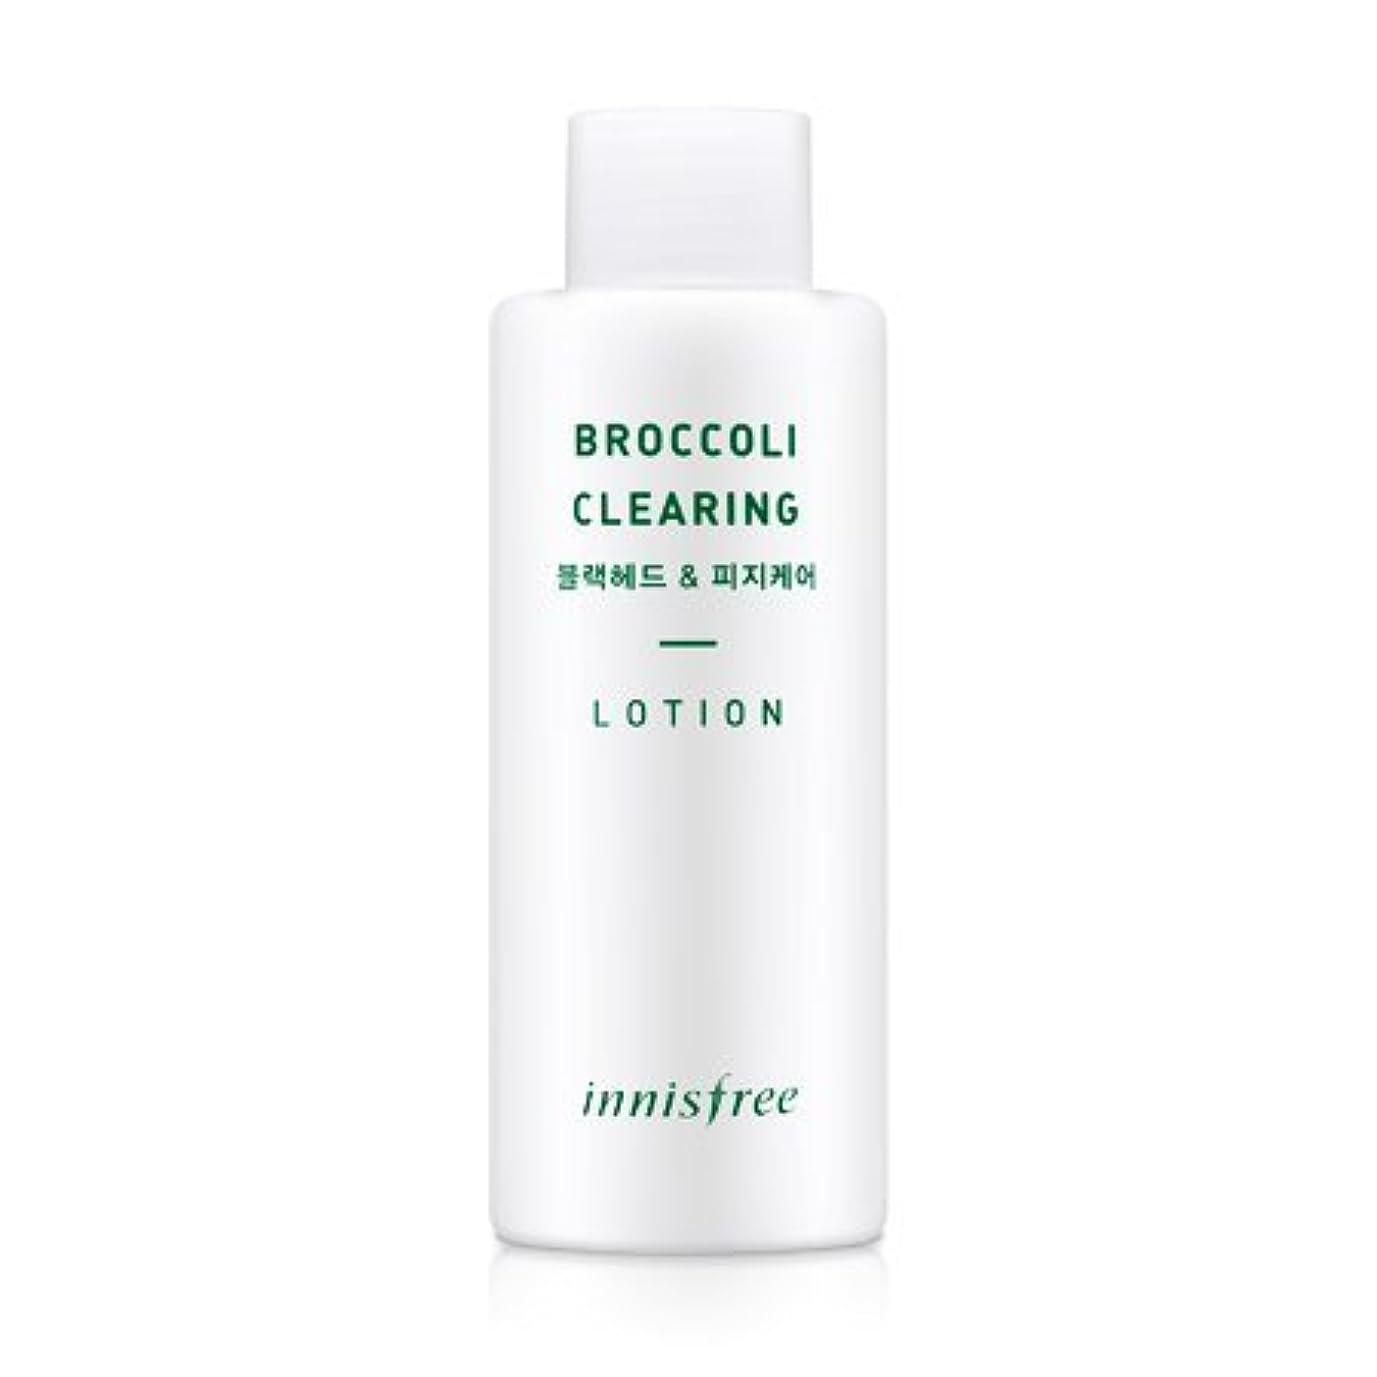 ジェット小間聖歌[innisfree(イニスフリー)] Super food_ Broccoli clearing lotion (130ml) スーパーフード_ブロッコリー クリアリング?ローション[並行輸入品][海外直送品]